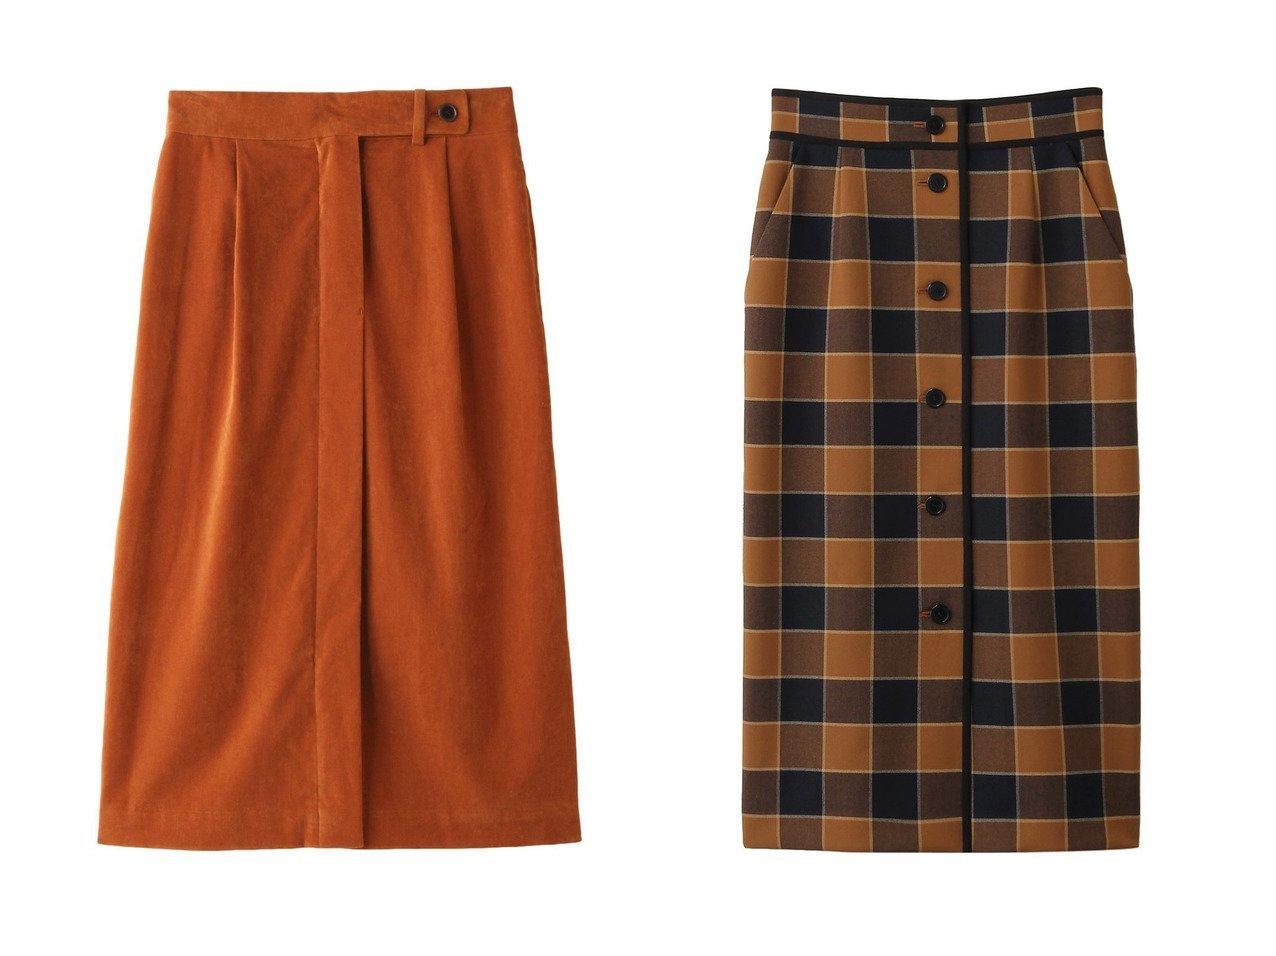 【PLAIN PEOPLE/プレインピープル】のシャンブルー別珍ストレッチスカート&【allureville/アルアバイル】のリオペルチェックタイトスカート スカートのおすすめ!人気、トレンド・レディースファッションの通販  おすすめで人気の流行・トレンド、ファッションの通販商品 メンズファッション・キッズファッション・インテリア・家具・レディースファッション・服の通販 founy(ファニー) https://founy.com/ ファッション Fashion レディースファッション WOMEN スカート Skirt ストレッチ A/W 秋冬 AW Autumn/Winter / FW Fall-Winter タイトスカート チェック パイピング フロント |ID:crp329100000009777